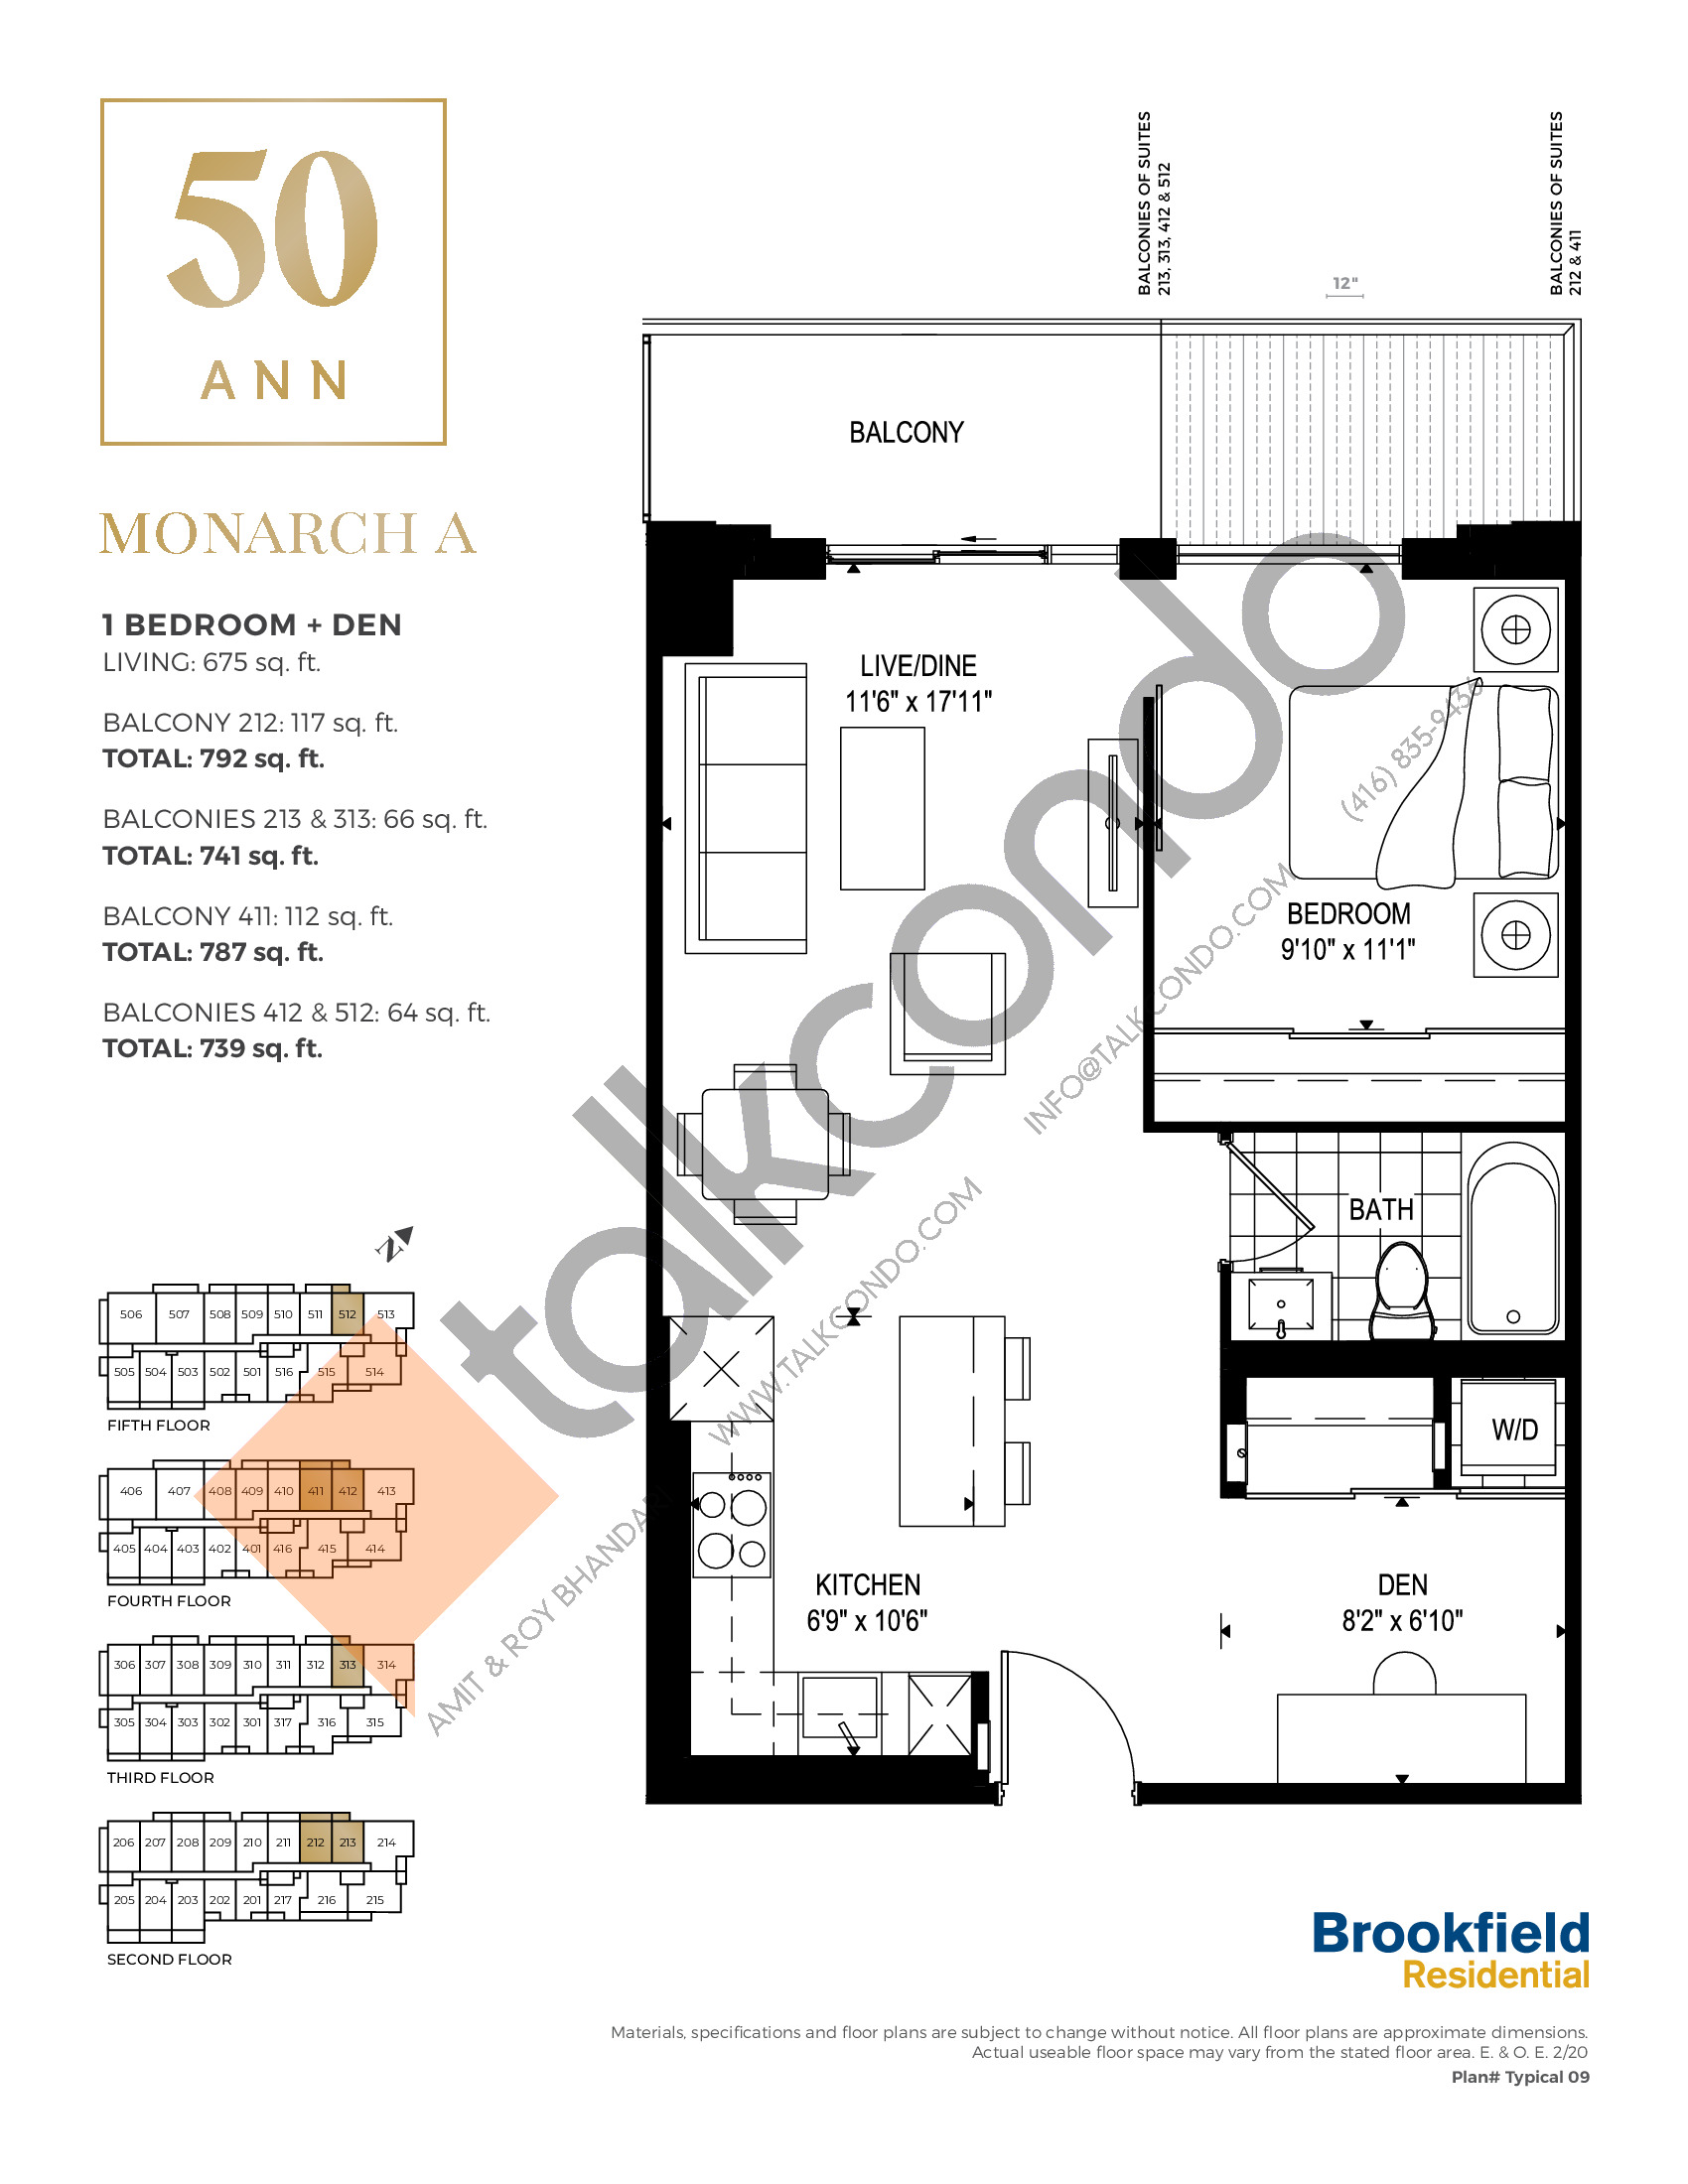 Monarch A Floor Plan at 50 Ann Condos - 675 sq.ft